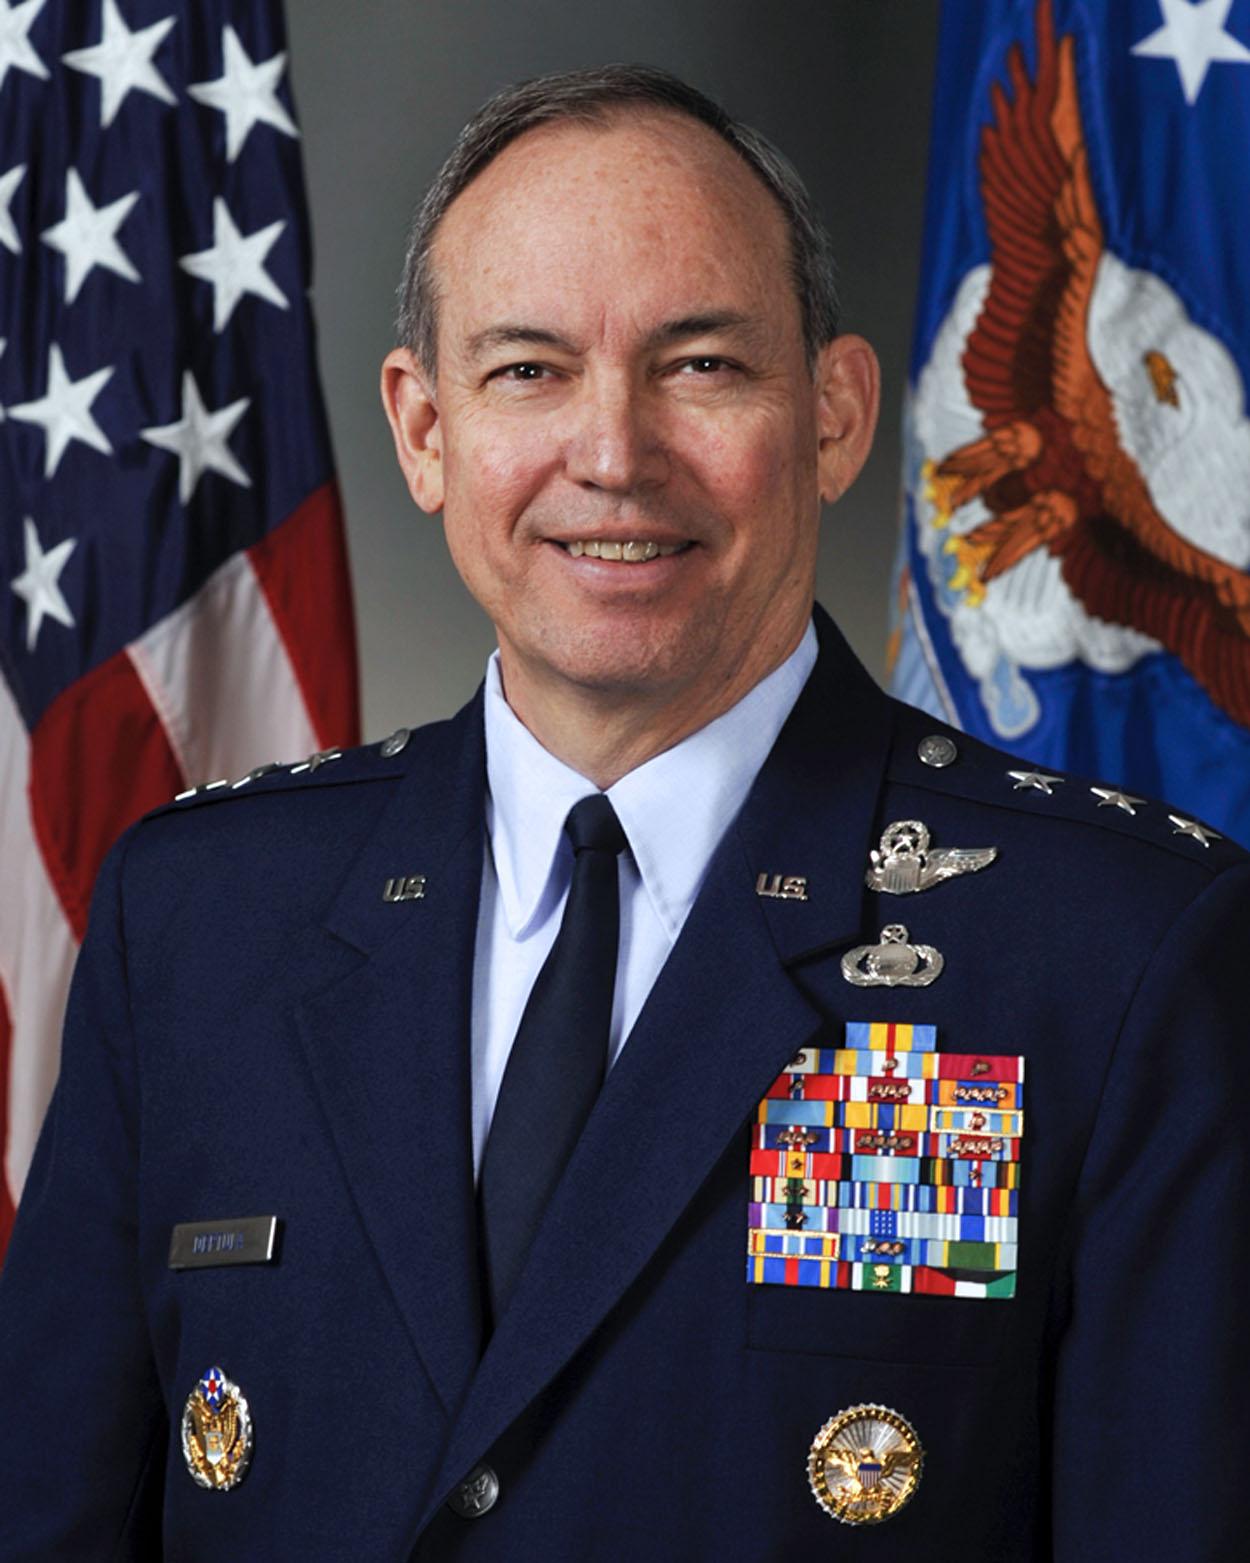 Lt Gen (ret) David A. Deptula (U.S. Air Force Photo)